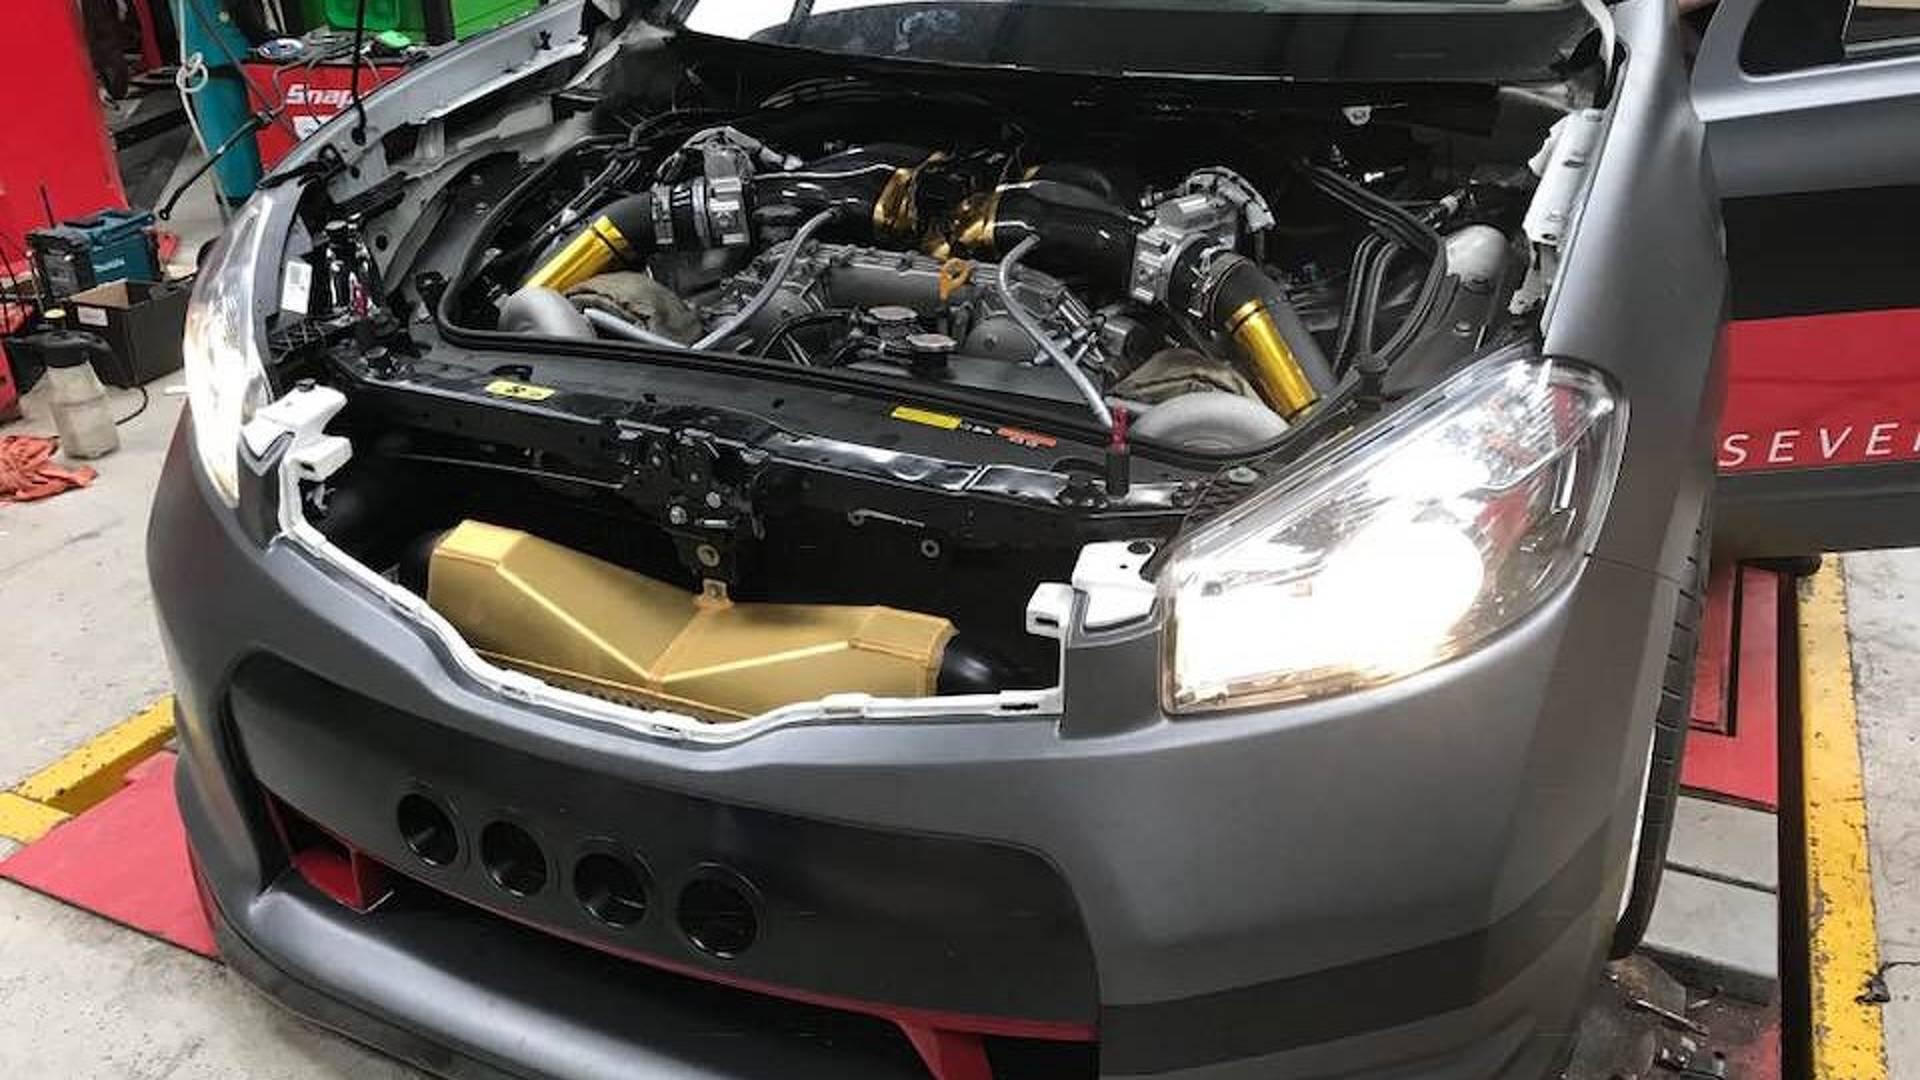 Британские тюнеры представили «заряженные» кроссовер Nissan Qashqai производительностью 2 000 лошадиных сил